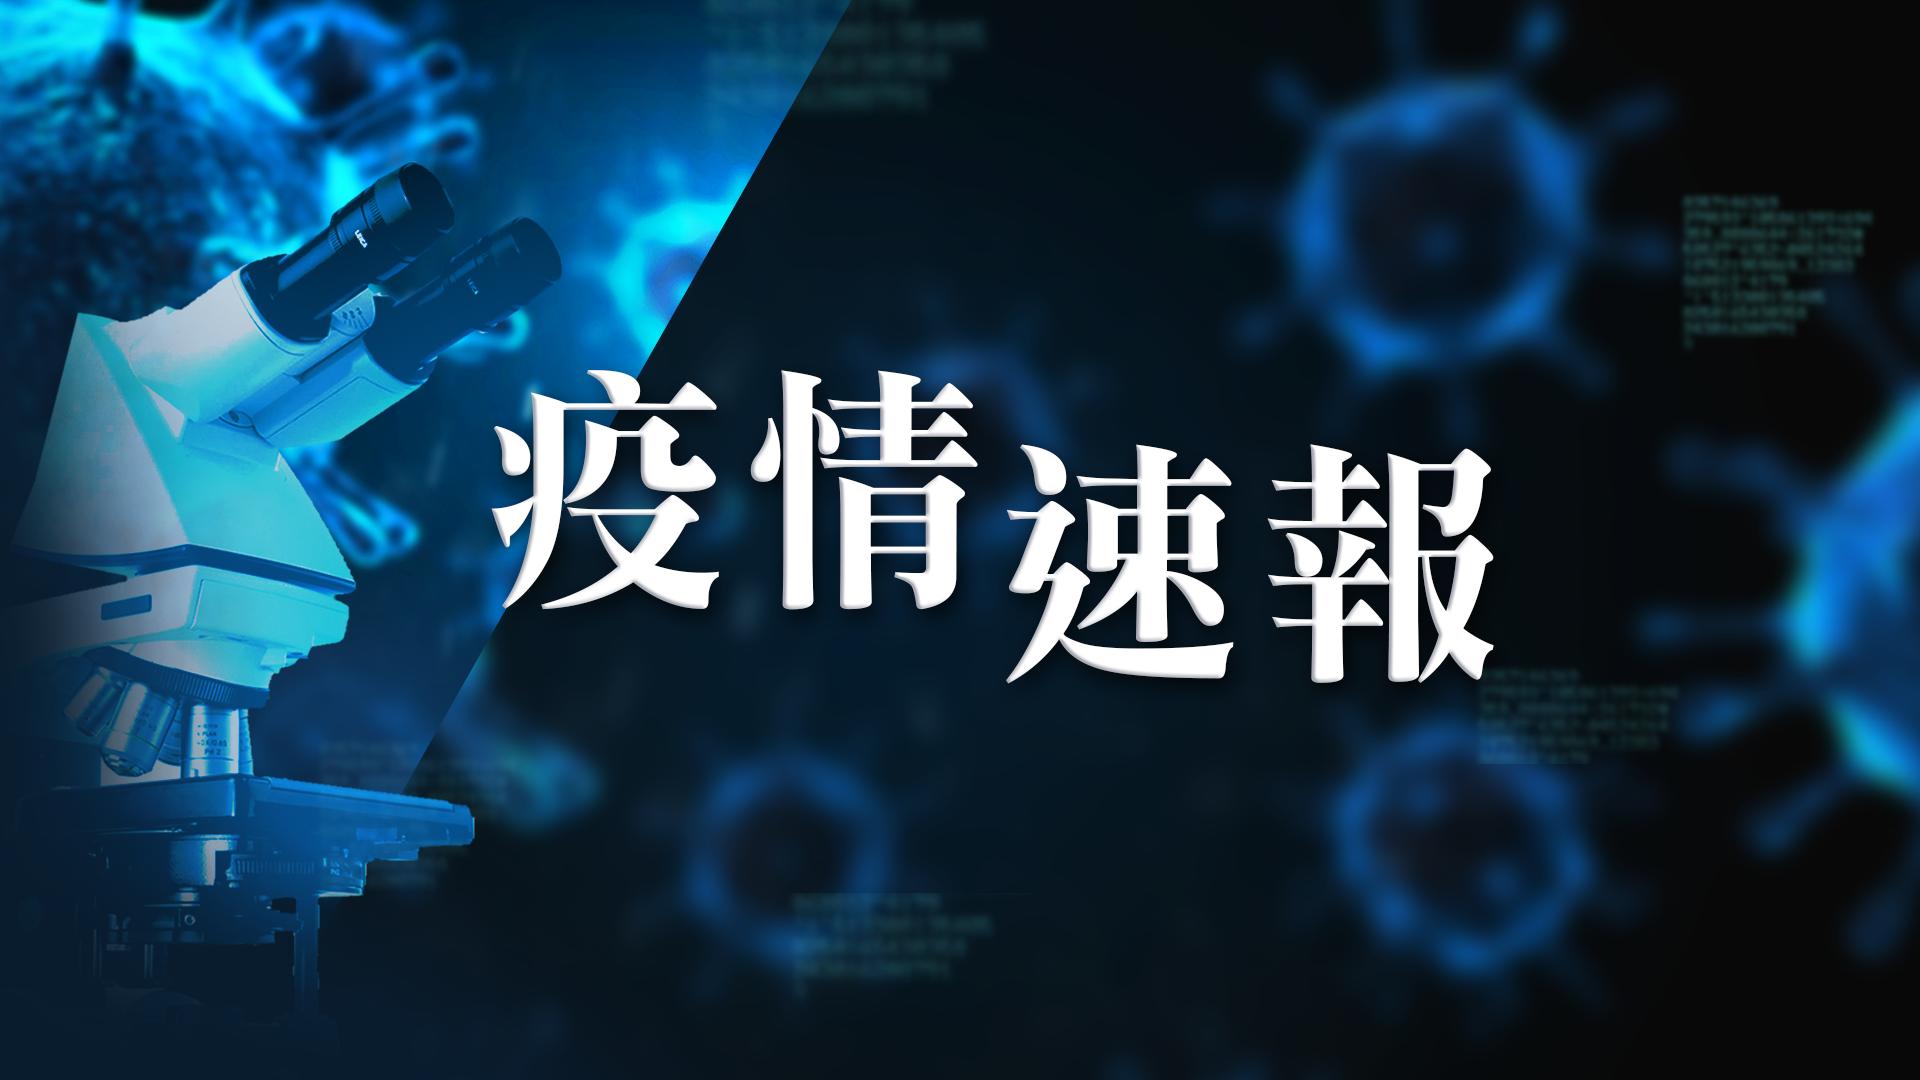 【1月23日疫情速報】(21:30)